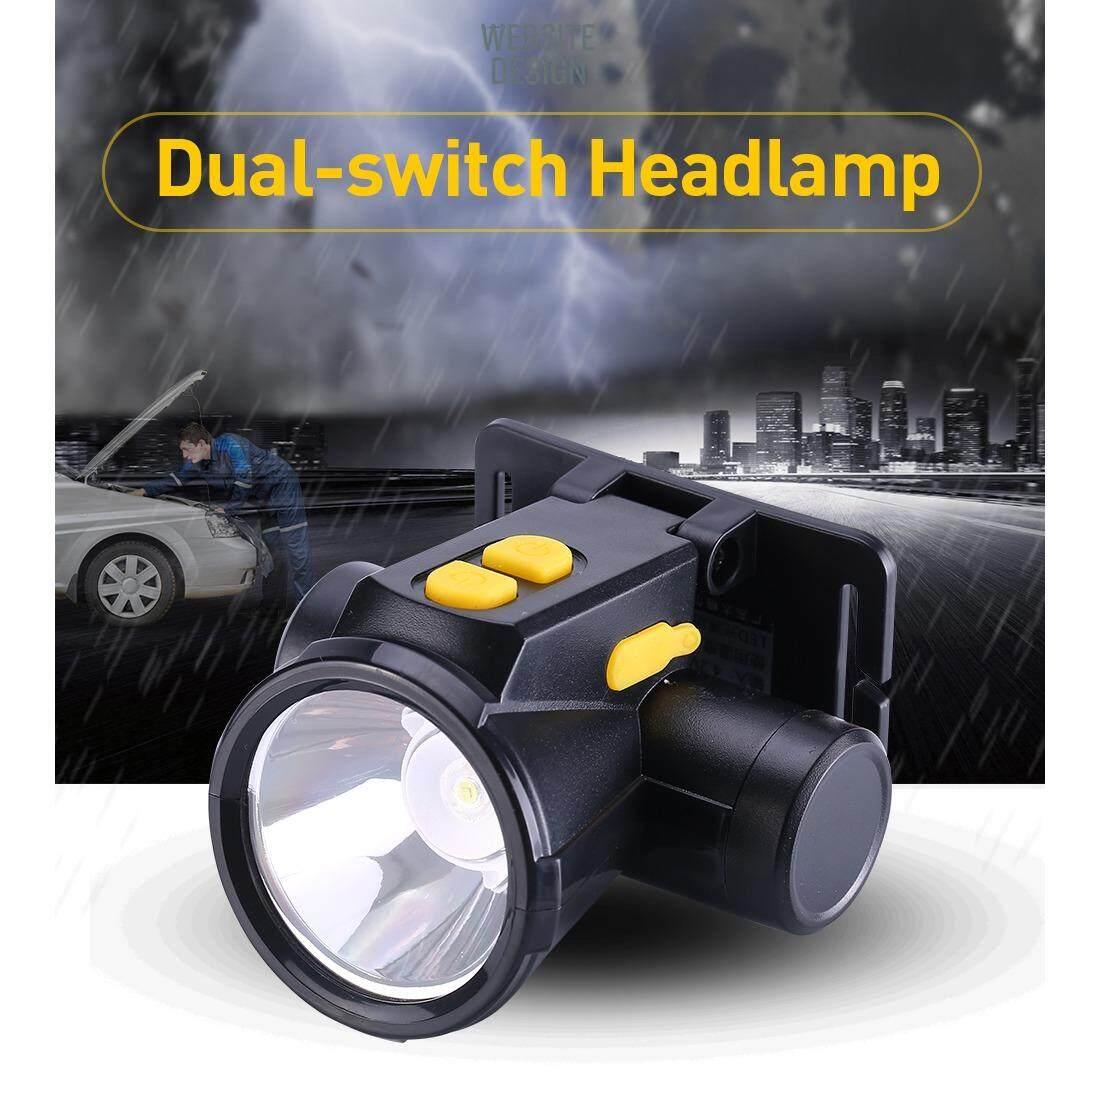 ขาย Rechargeable Led Flashlight Yage Yg 5599 2 000 Mah ไฟฉาย Led ขนาดเล็ก ไฟคาดหัว ชนิดชาร์จไฟได้ มีแบตเตอรี่ในตัว แบตลิเธียม แสงสีขาว ออนไลน์ กรุงเทพมหานคร